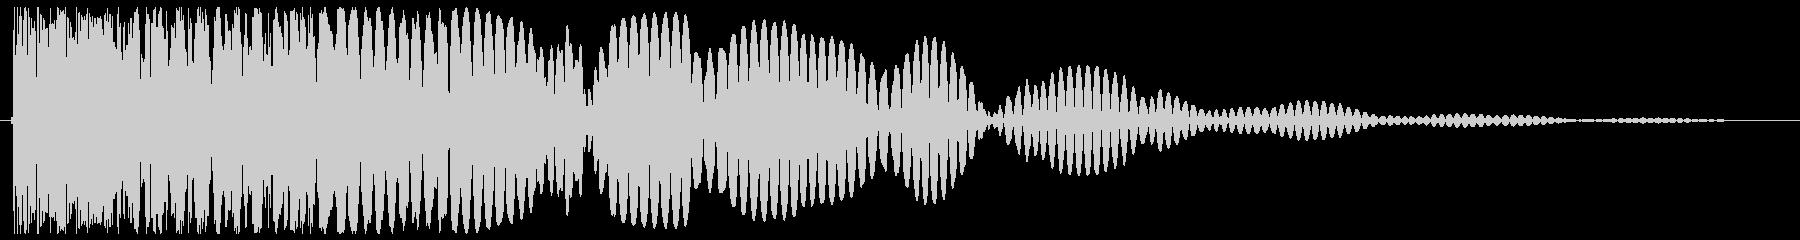 余韻がある低音の爆発音の未再生の波形